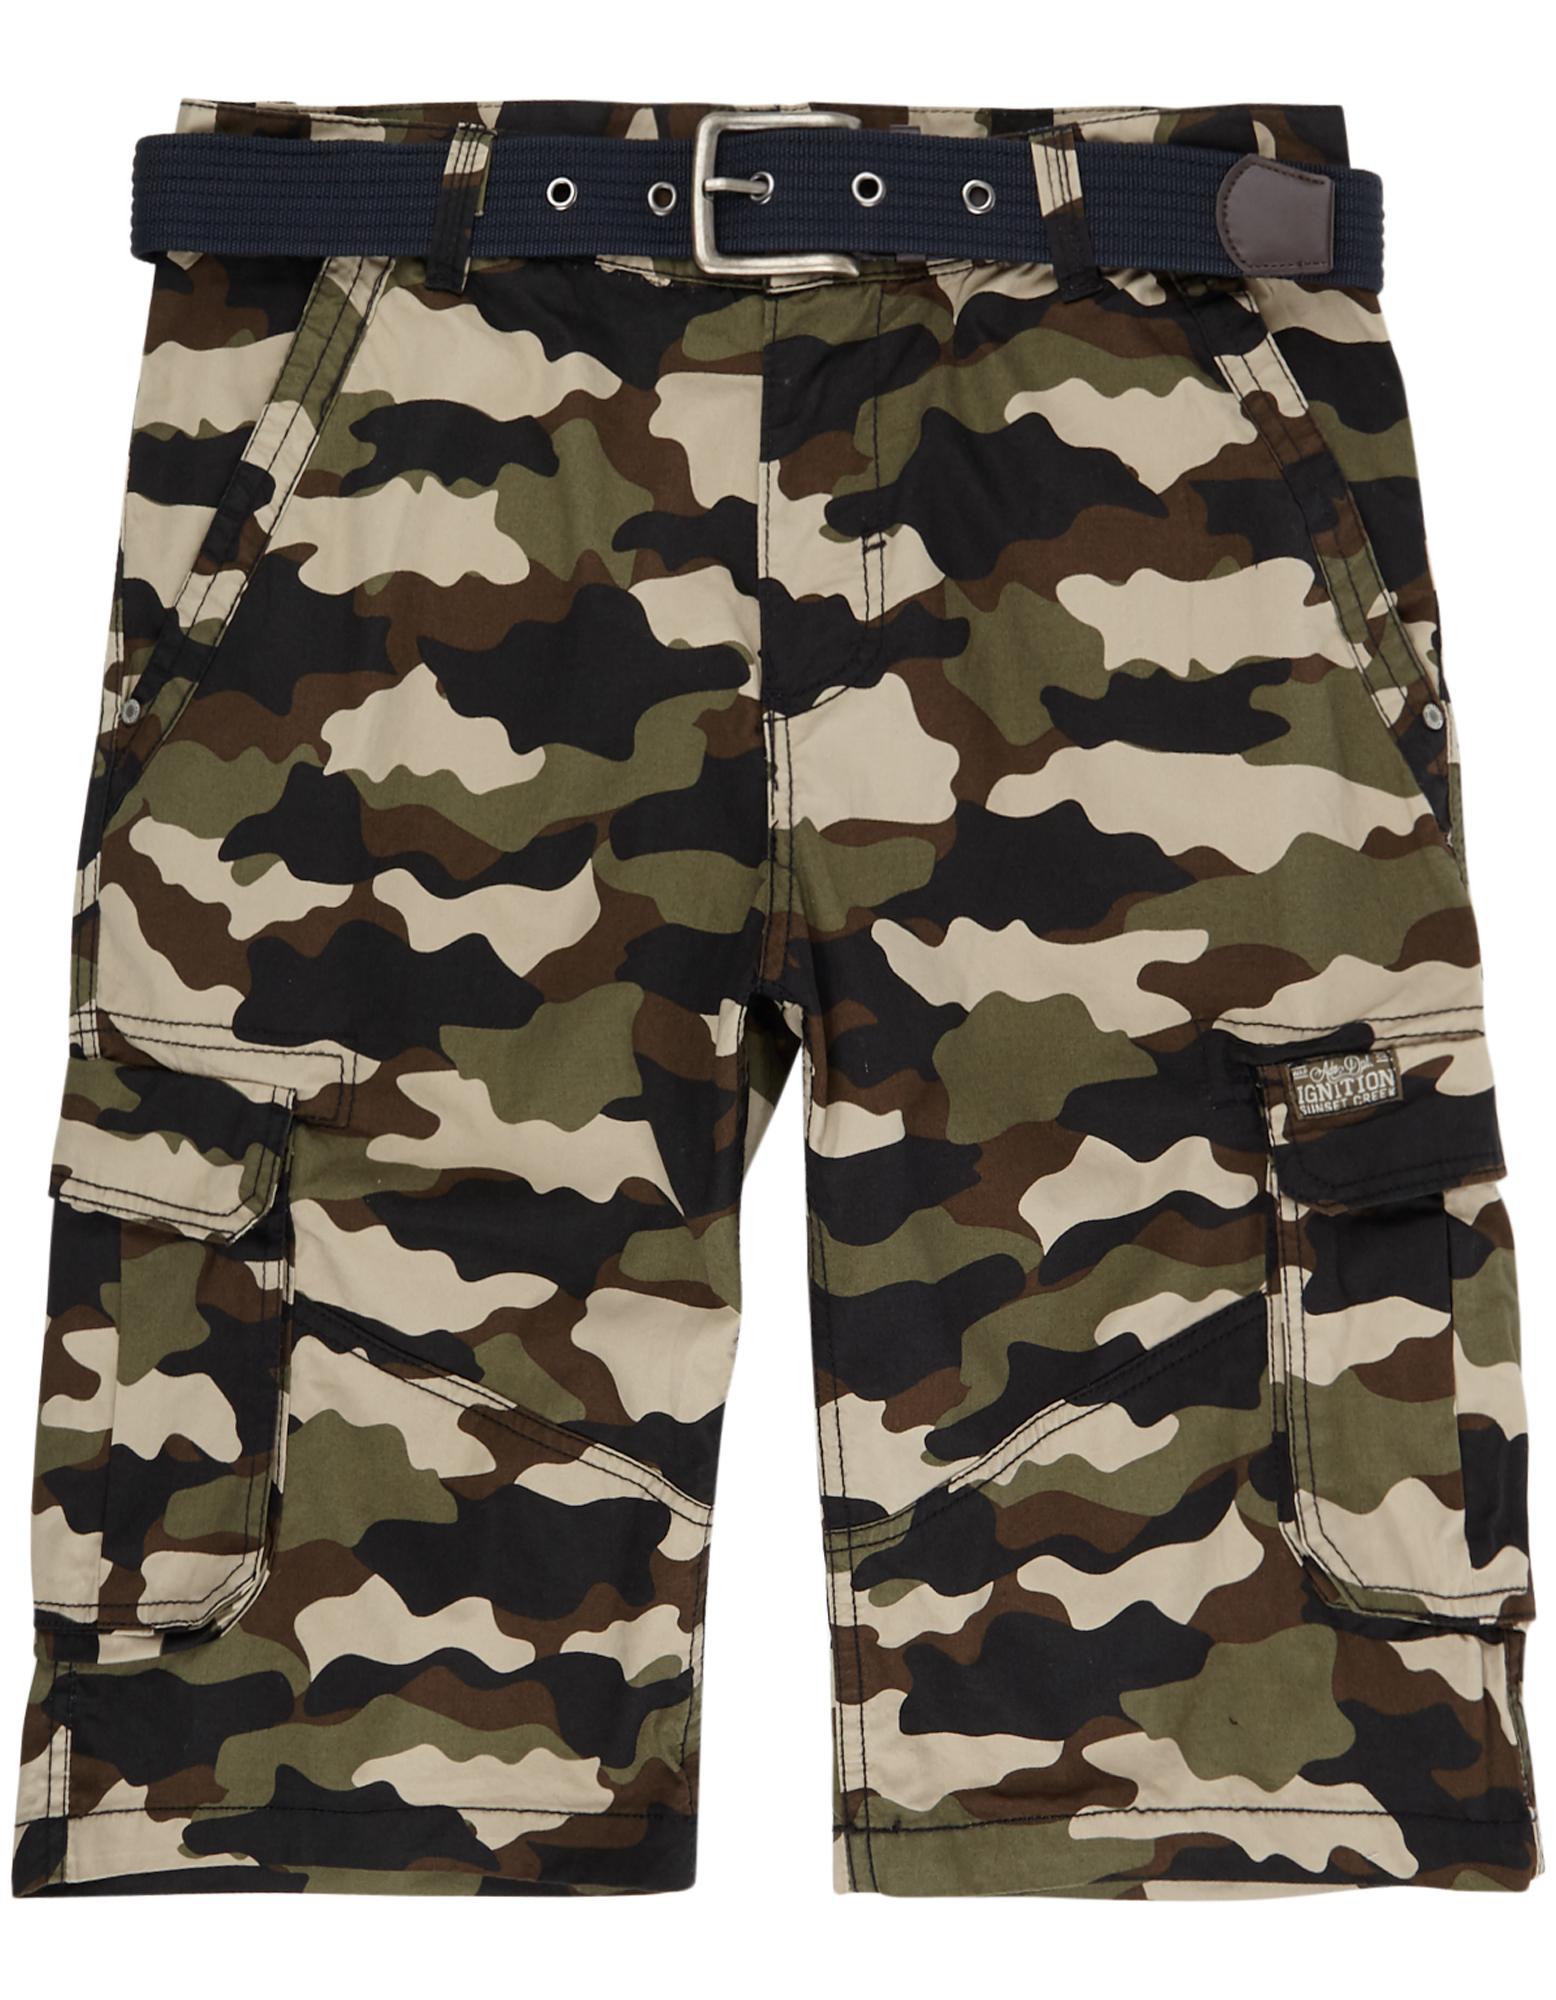 Herren Cargobermudas mit Camouflage-Muster  | 81436577910605